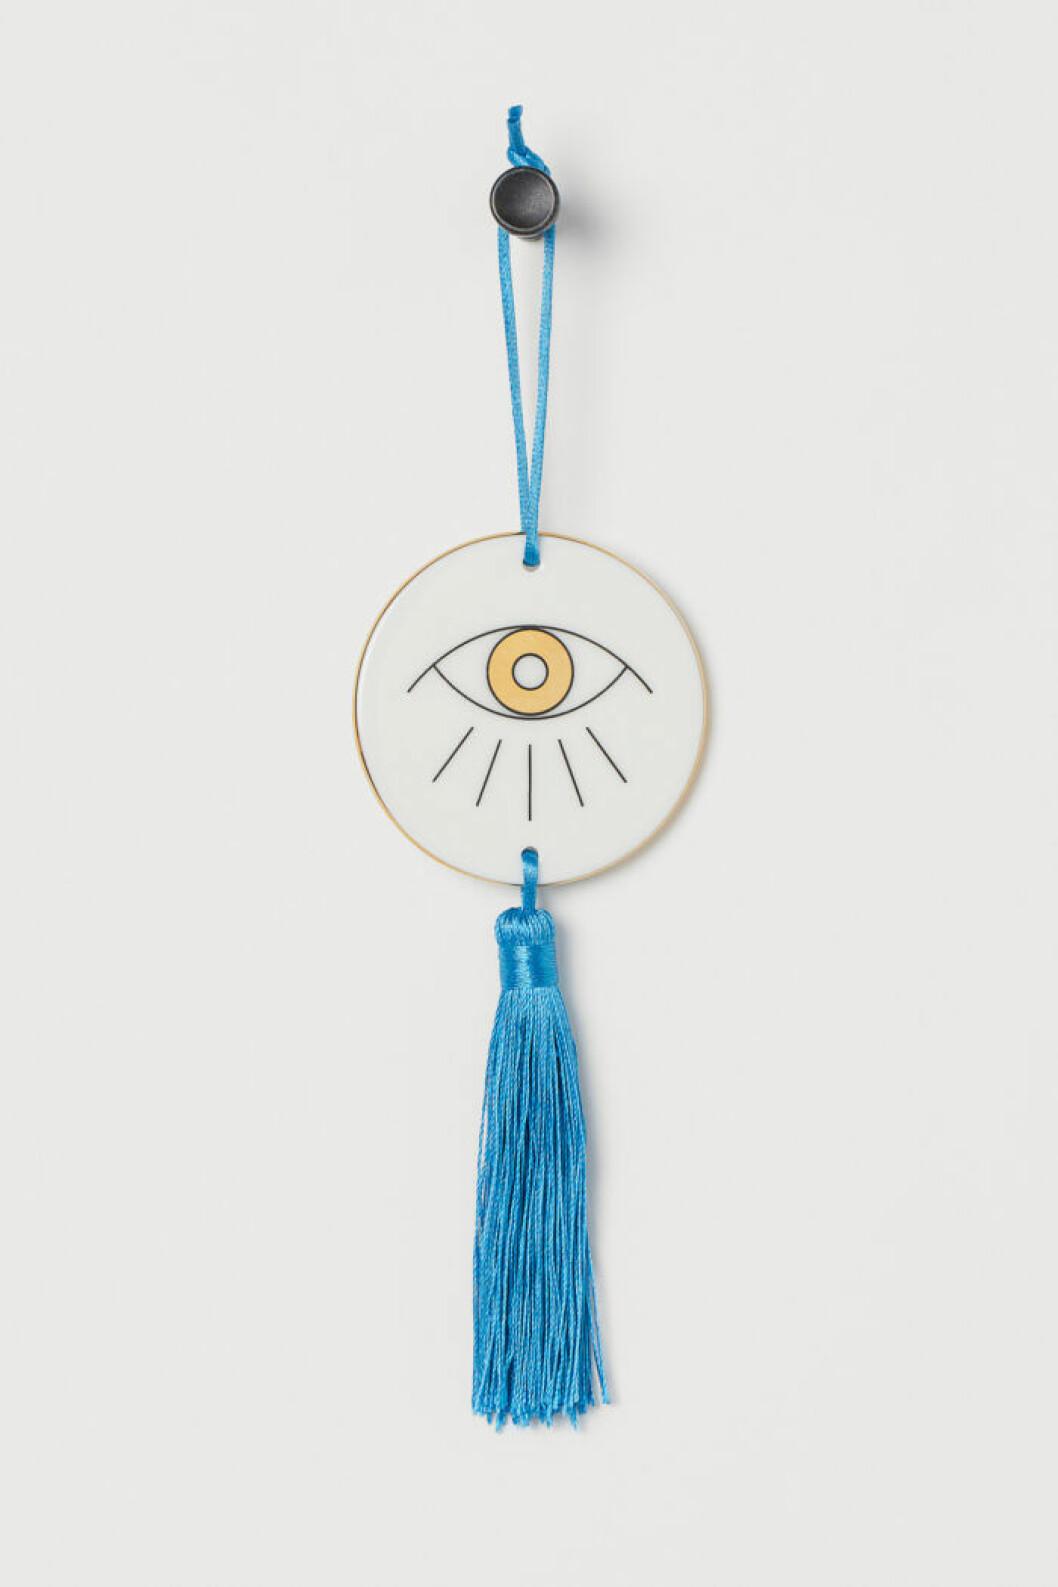 Inredningsdetalj med öga och blå tofs från Jonathan Adler x H&M